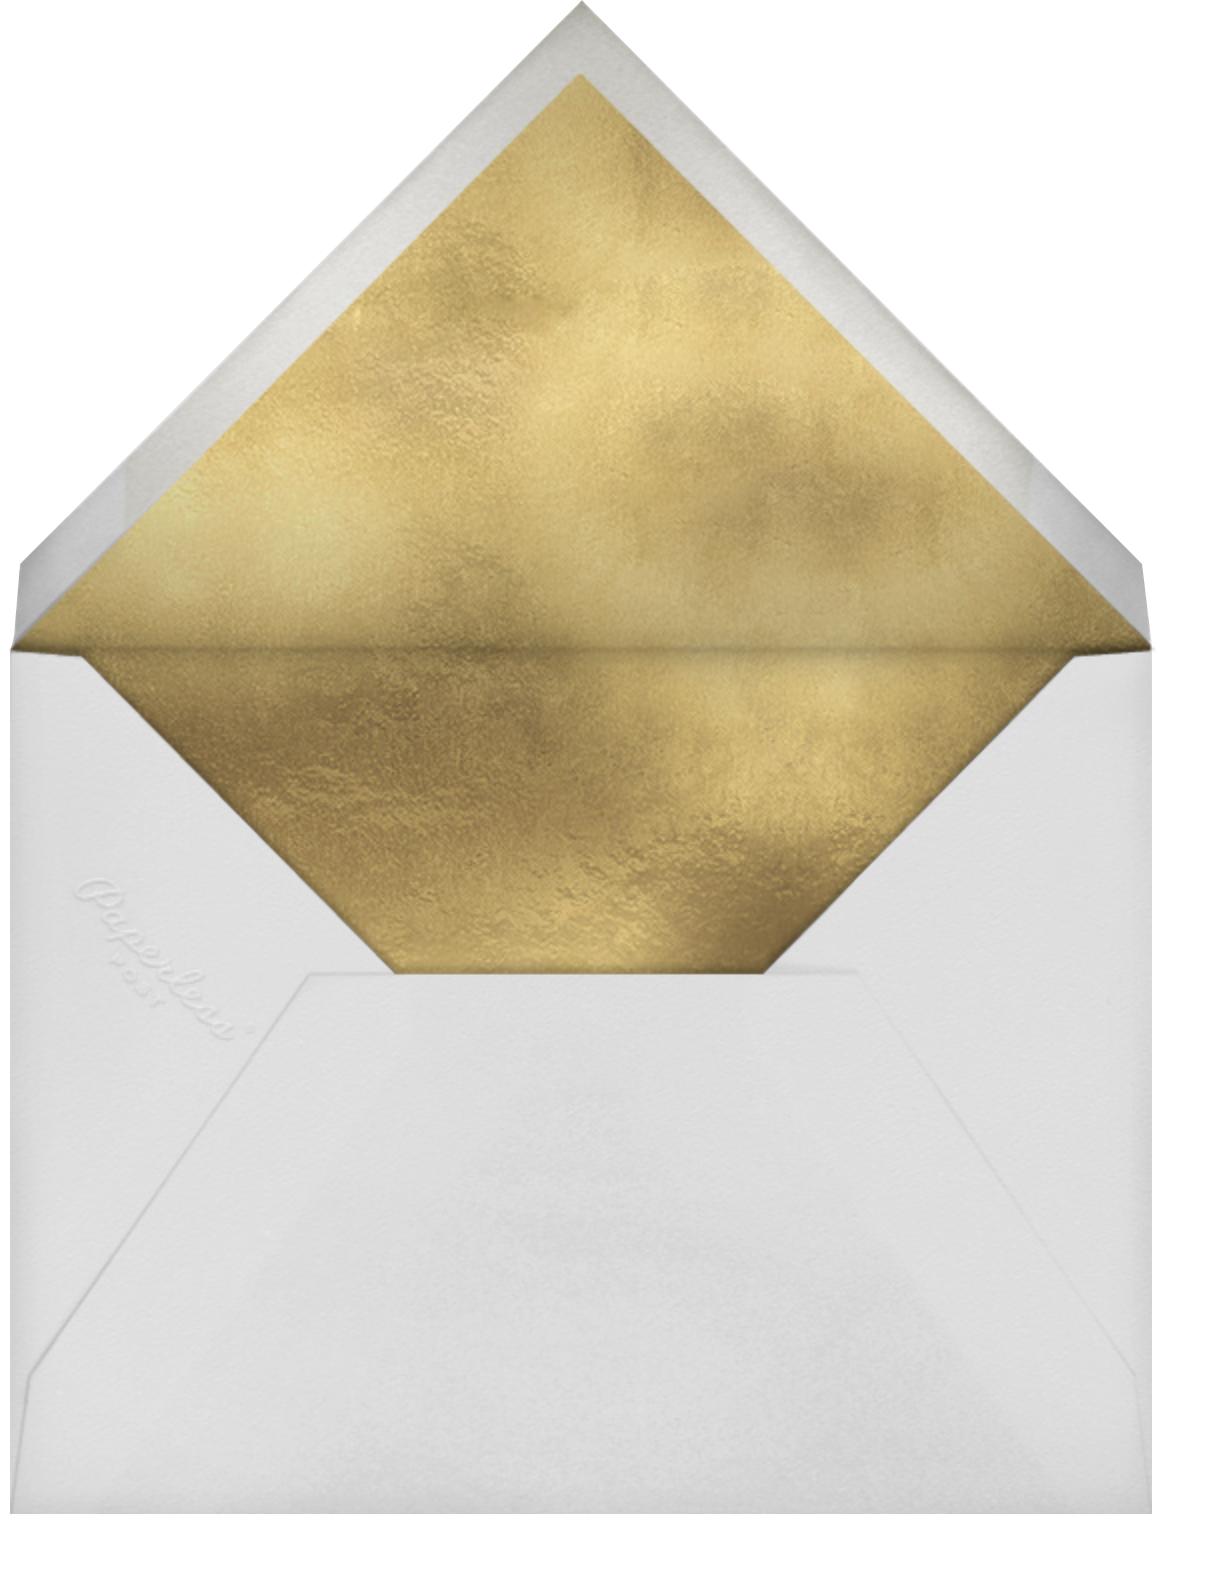 Joyful World - Rifle Paper Co. - Holiday cards - envelope back